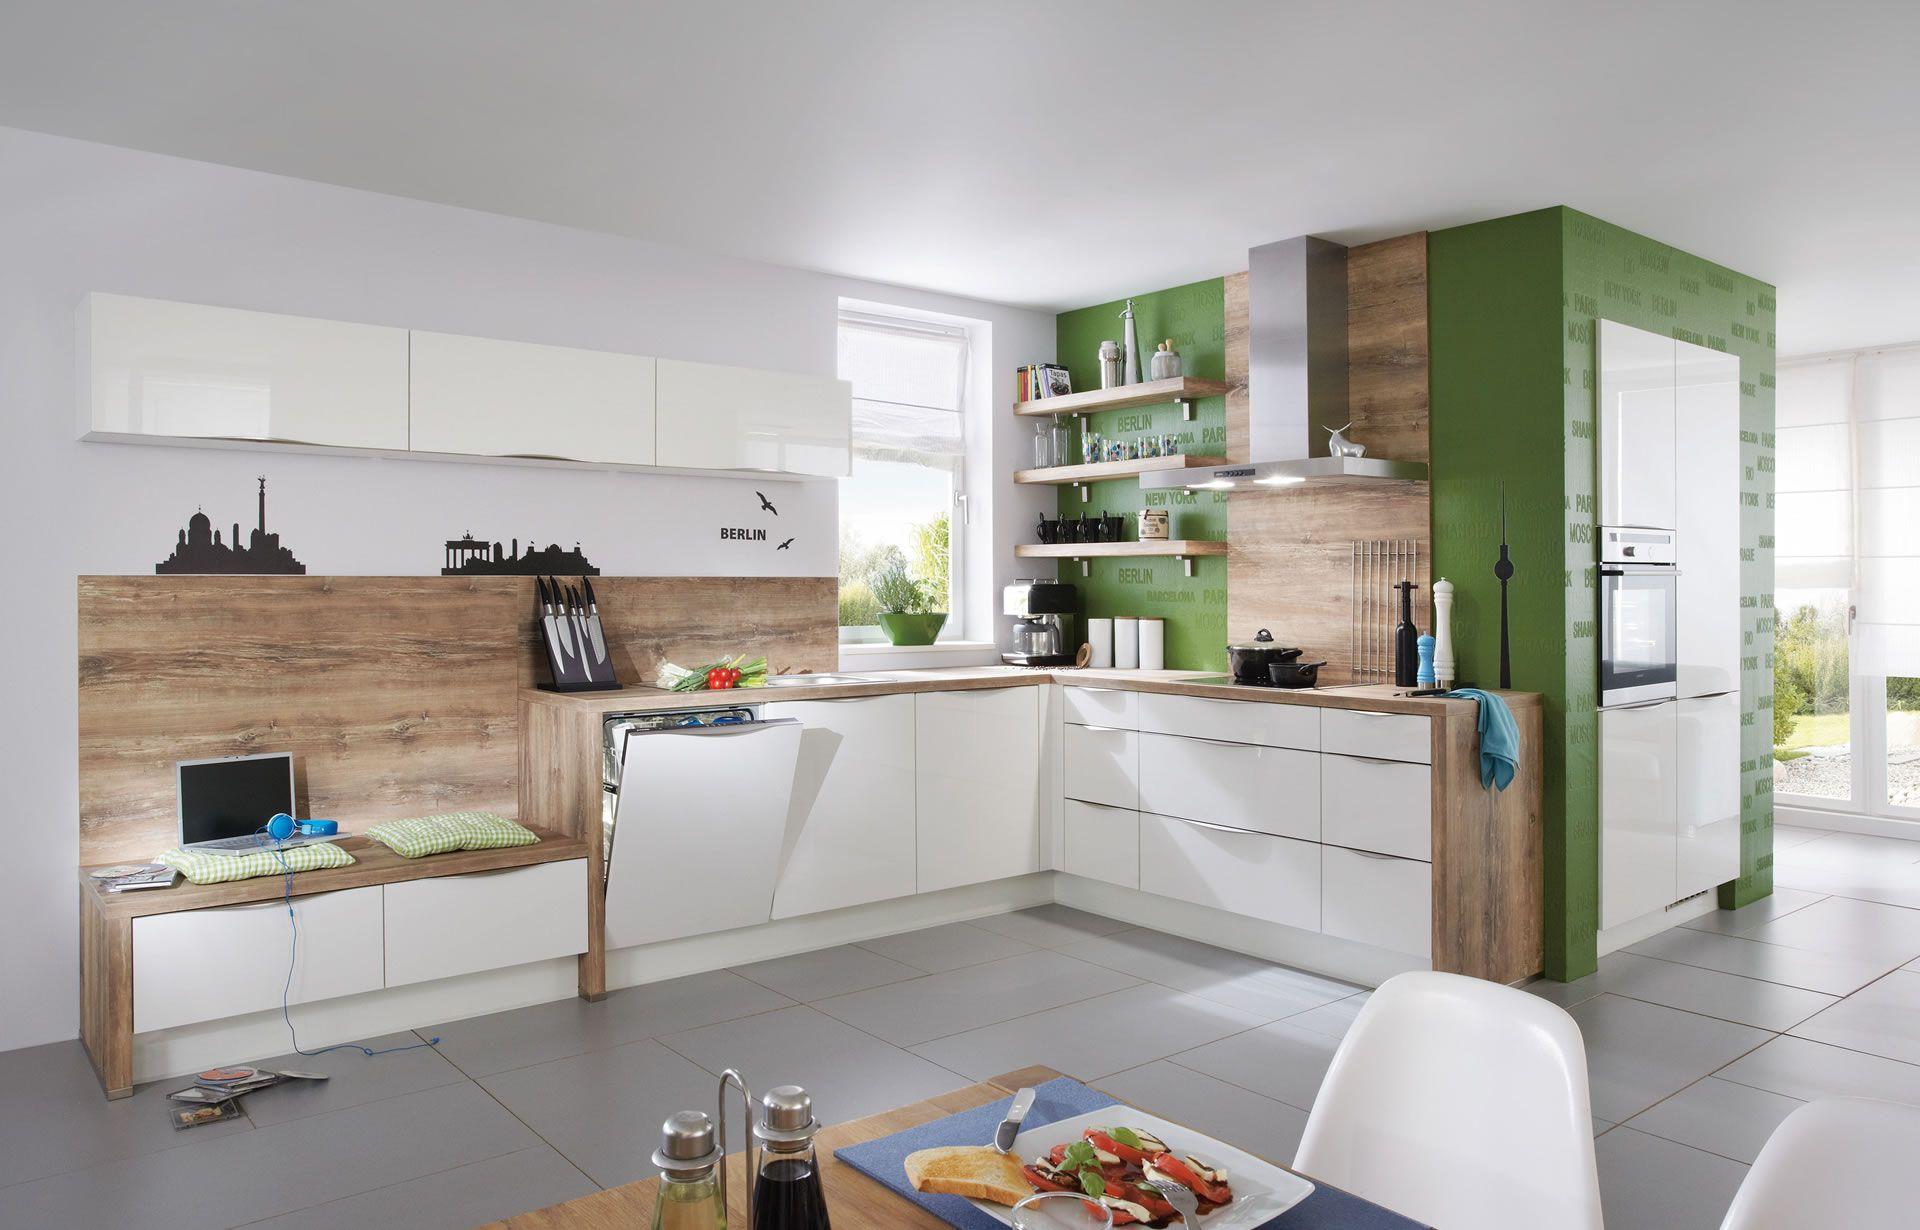 Luxury kitchen island from Nobilia Kitchen Dining Living Pinterest H ffner Nobilia k chen und K chenfronten